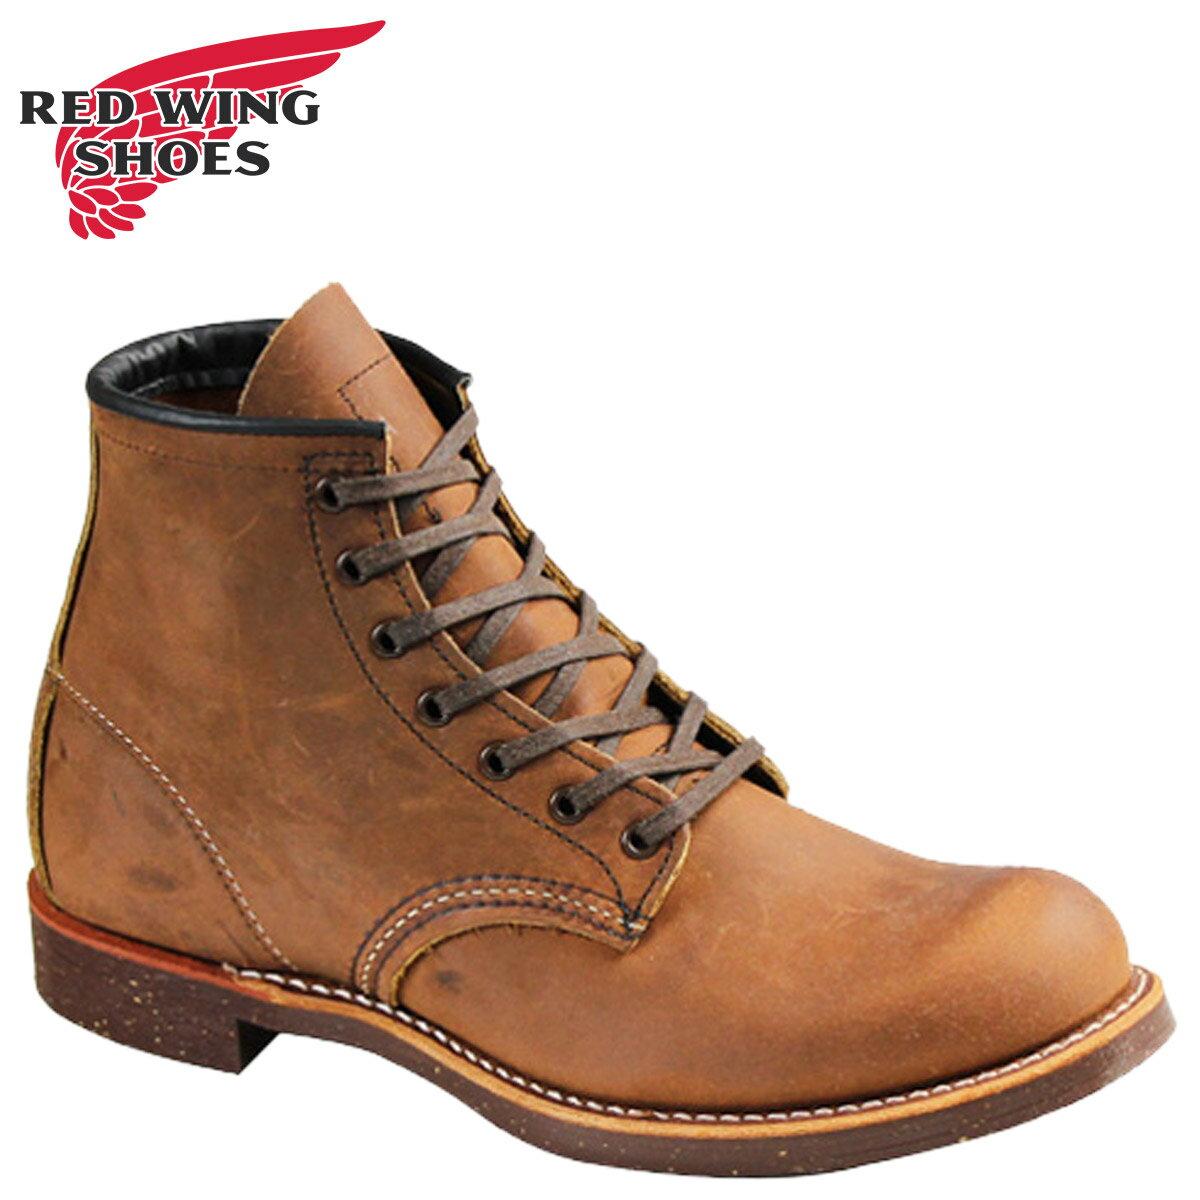 レッドウィング RED WING ブーツ アイリッシュセッター BLACKSMITH ブラックスミス Dワイズ 2962 3342 レッドウイング